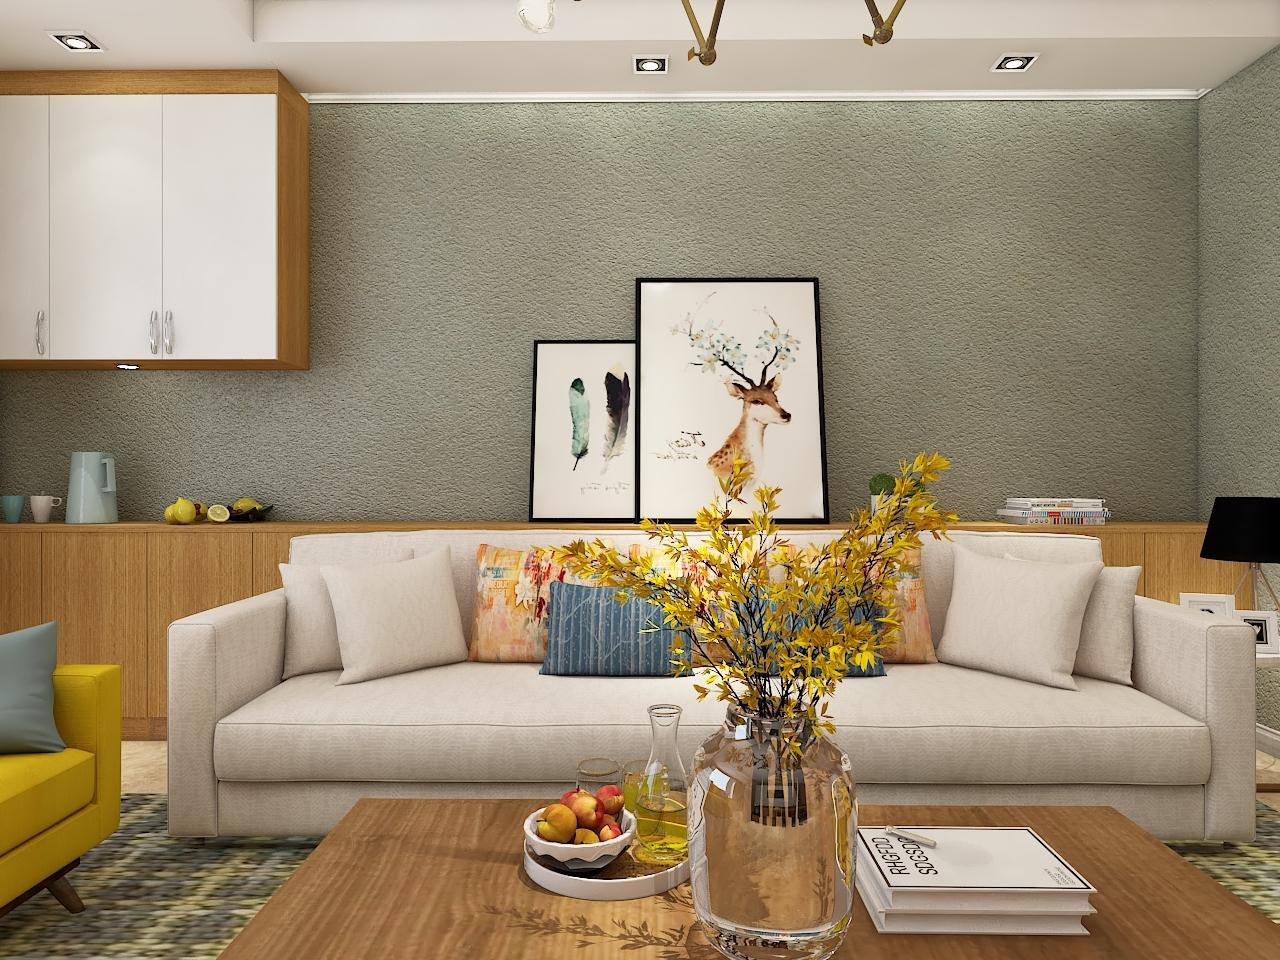 """美轮美奂艺术彩世界苹果app刷新空间""""颜值"""" 提升生活品质"""